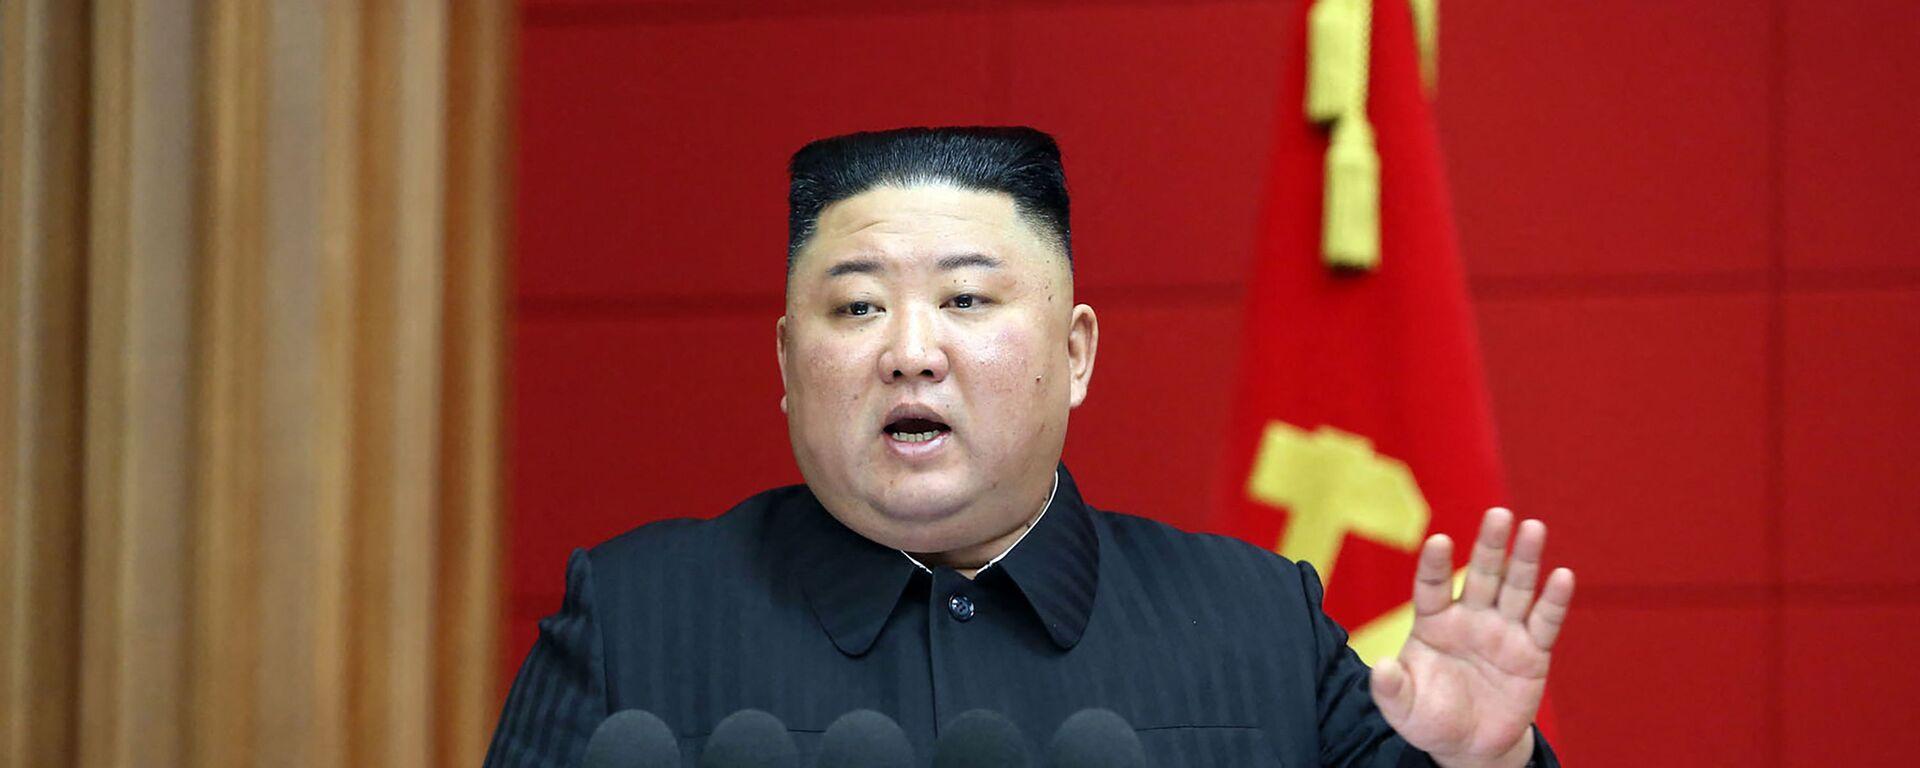 Bức ảnh này được chụp vào ngày 6 tháng 3 năm 2021 và được công bố từ Hãng thông tấn trung ương chính thức của Triều Tiên (KCNA) vào ngày 7 tháng 3 năm 2021 cho thấy nhà lãnh đạo Triều Tiên Kim Jong Un phát biểu trong Khóa học ngắn đầu tiên dành cho các Bí thư Thành ủy và Quận ủy ở Bình Nhưỡng ... - Sputnik Việt Nam, 1920, 30.06.2021